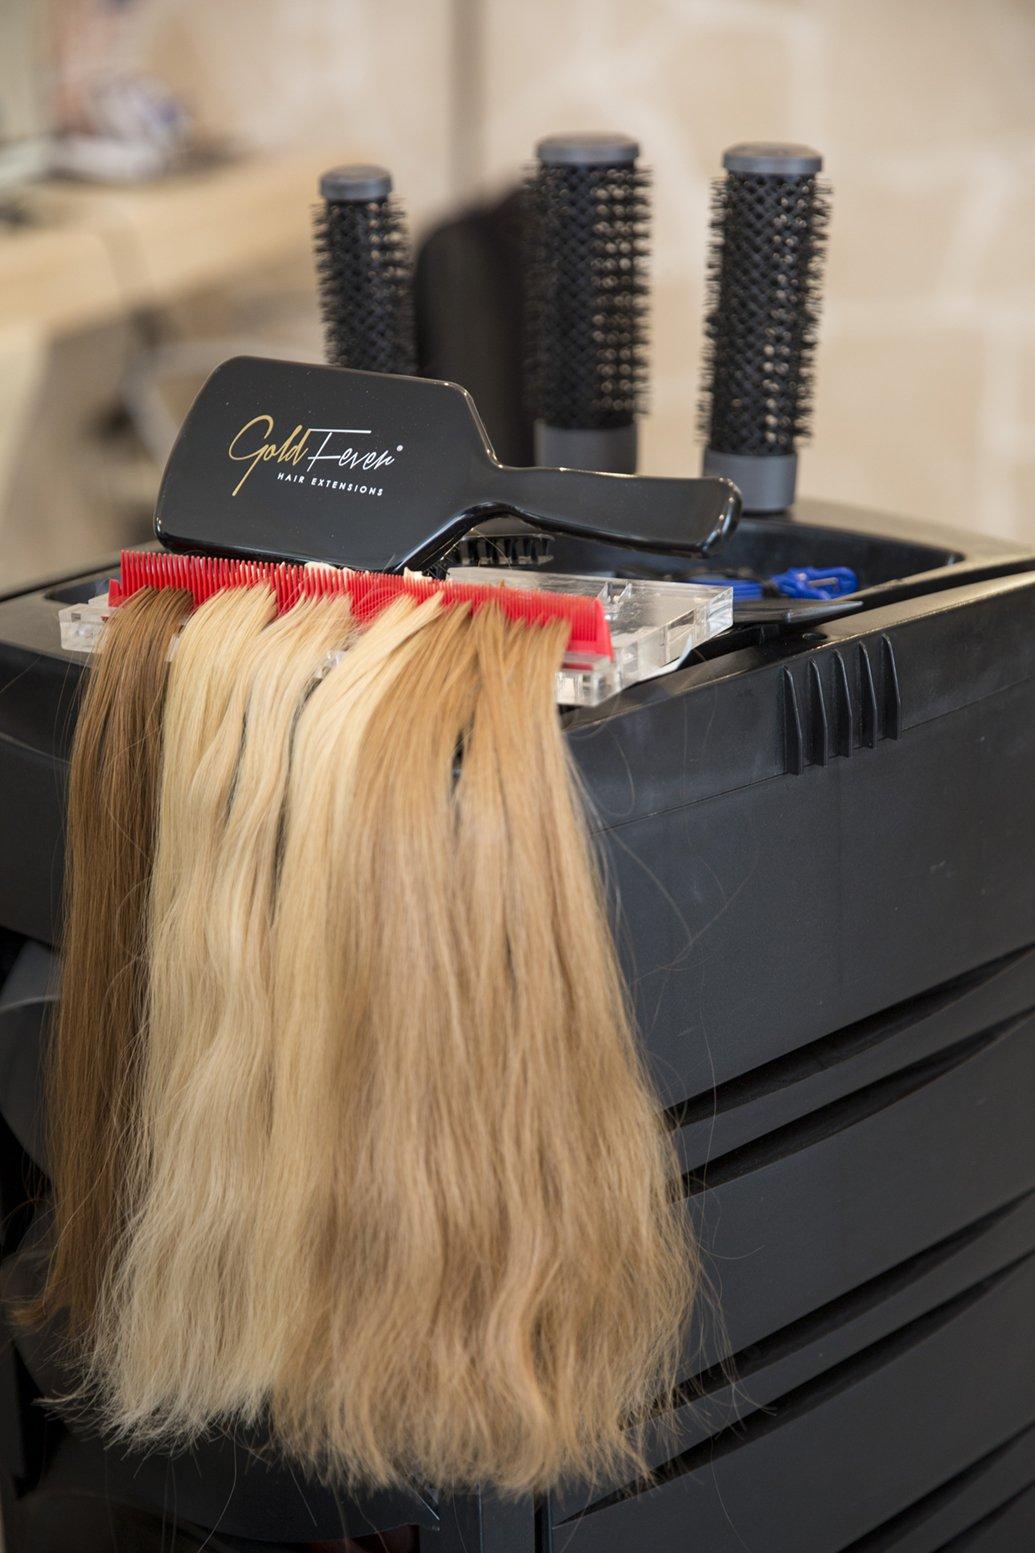 Gold Fever produce le migliori extensions capelli